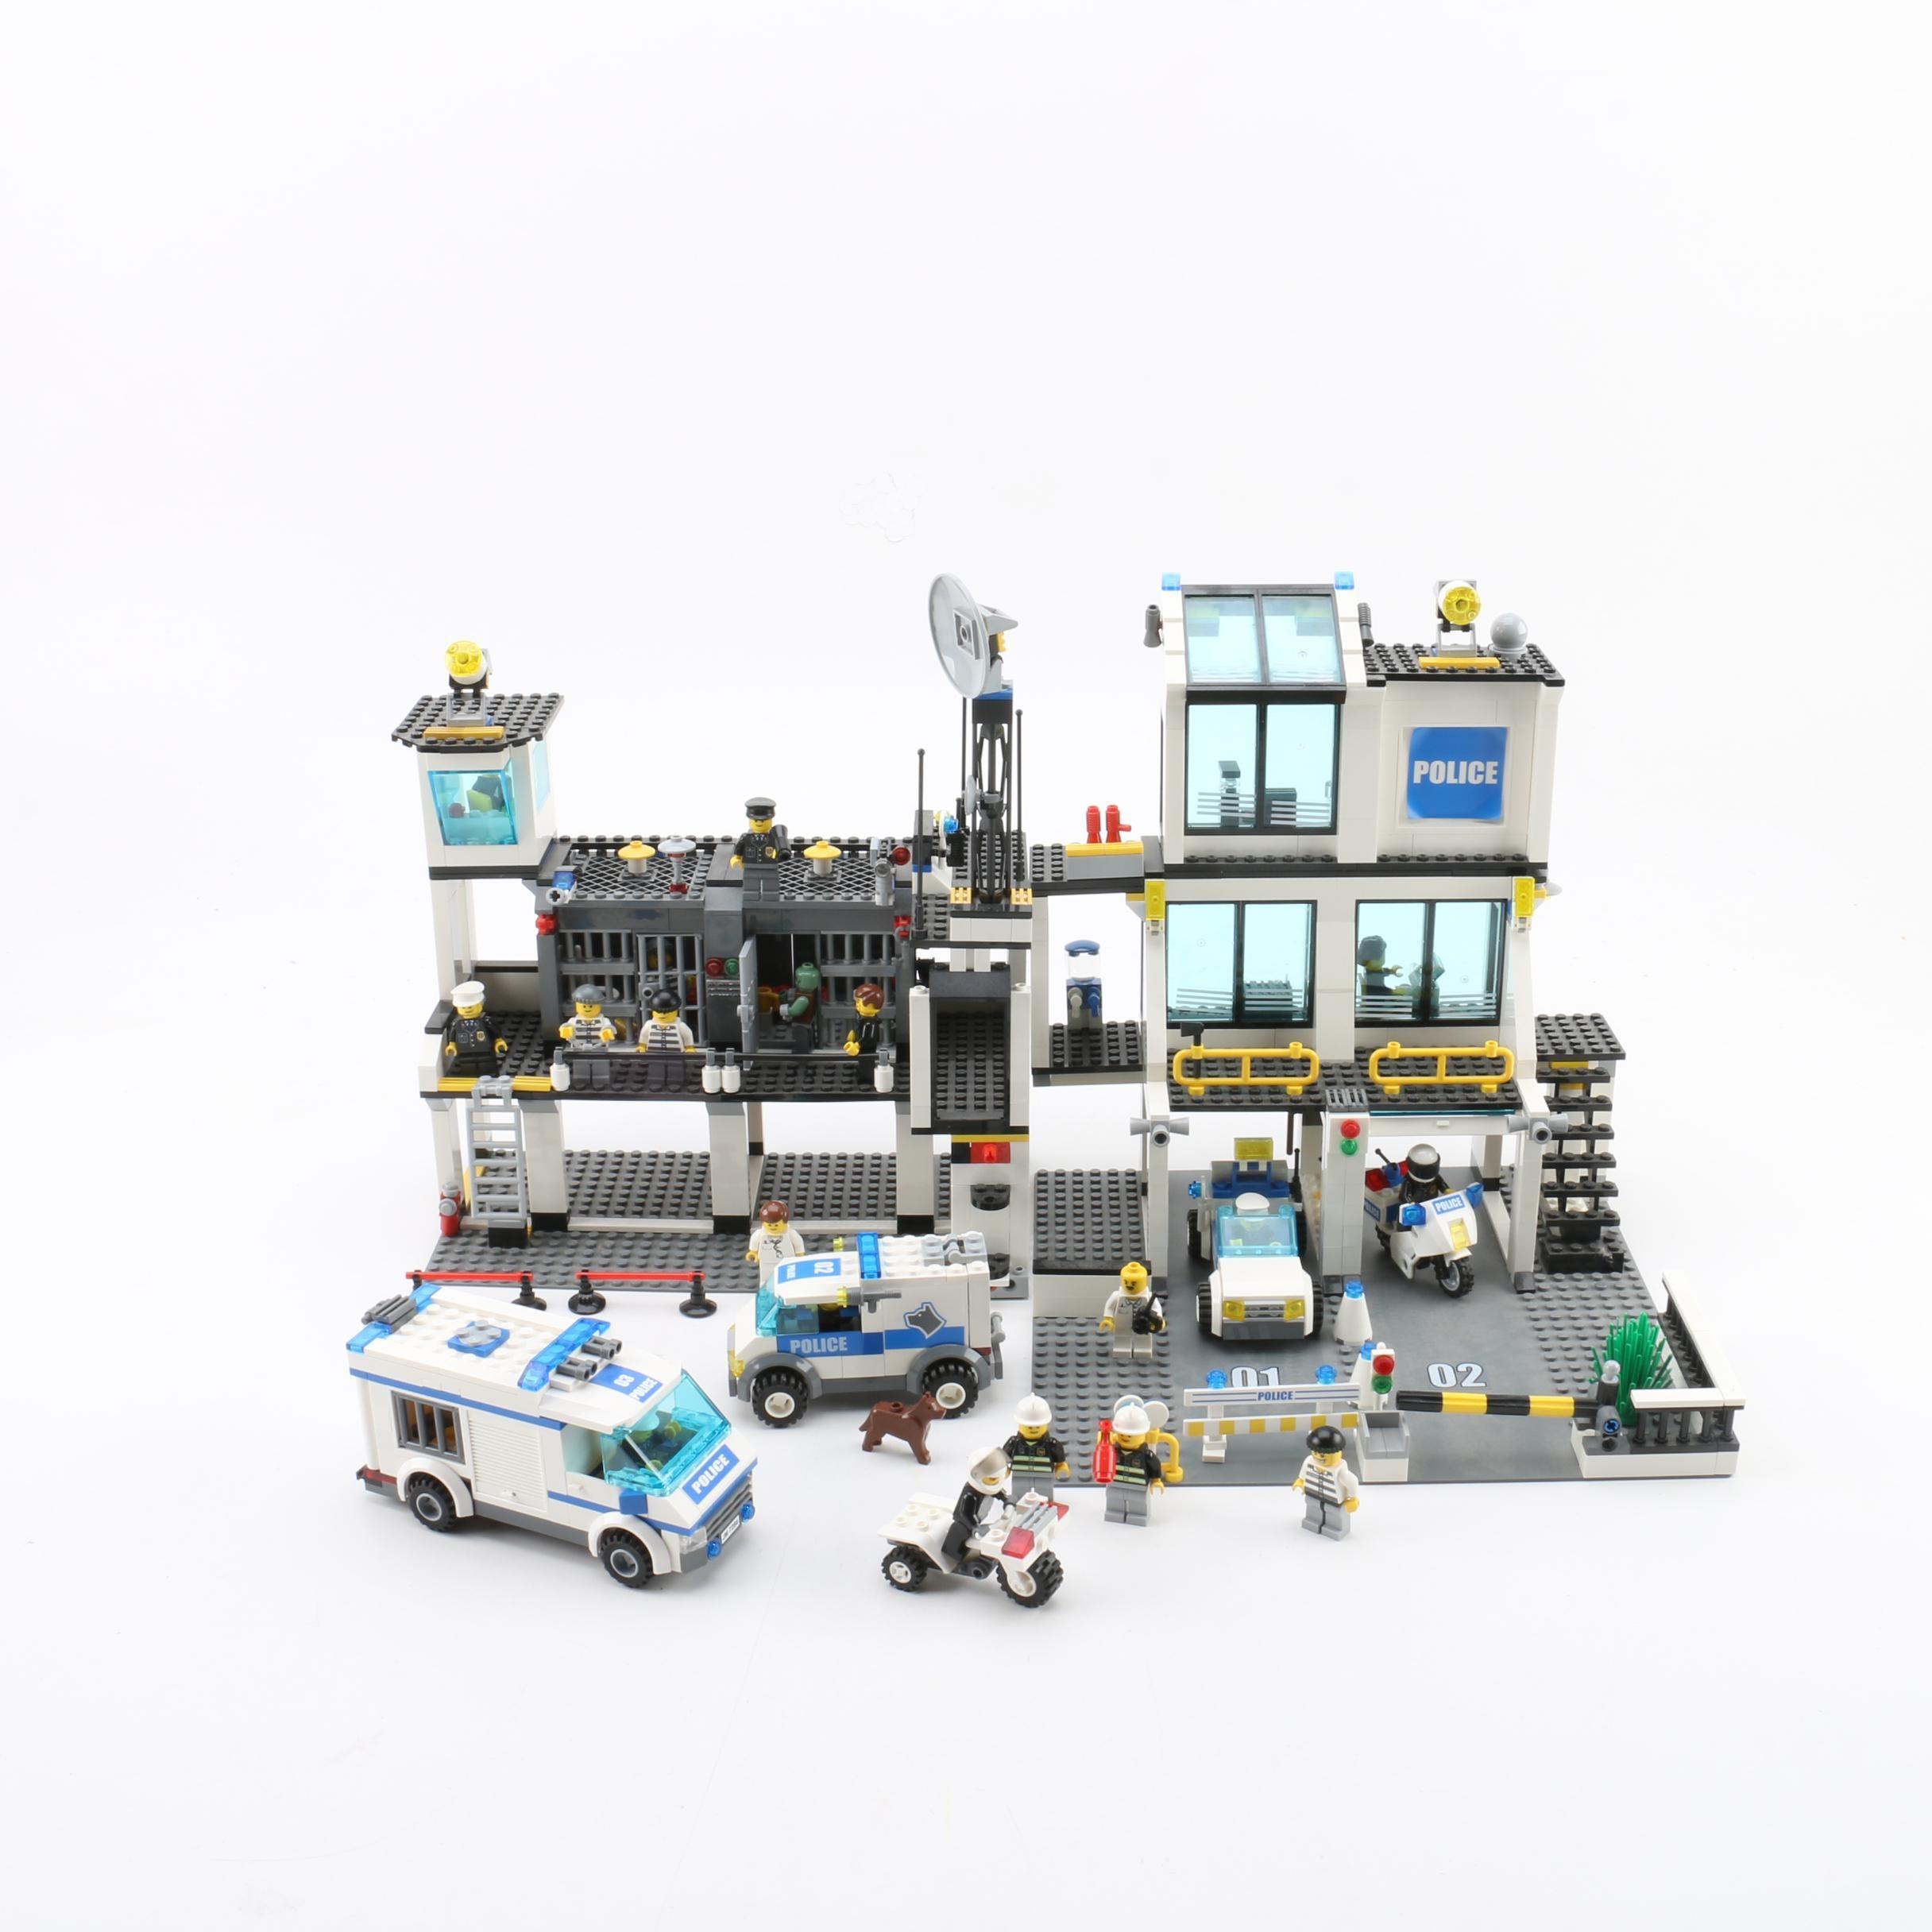 Lego Police Headquarters